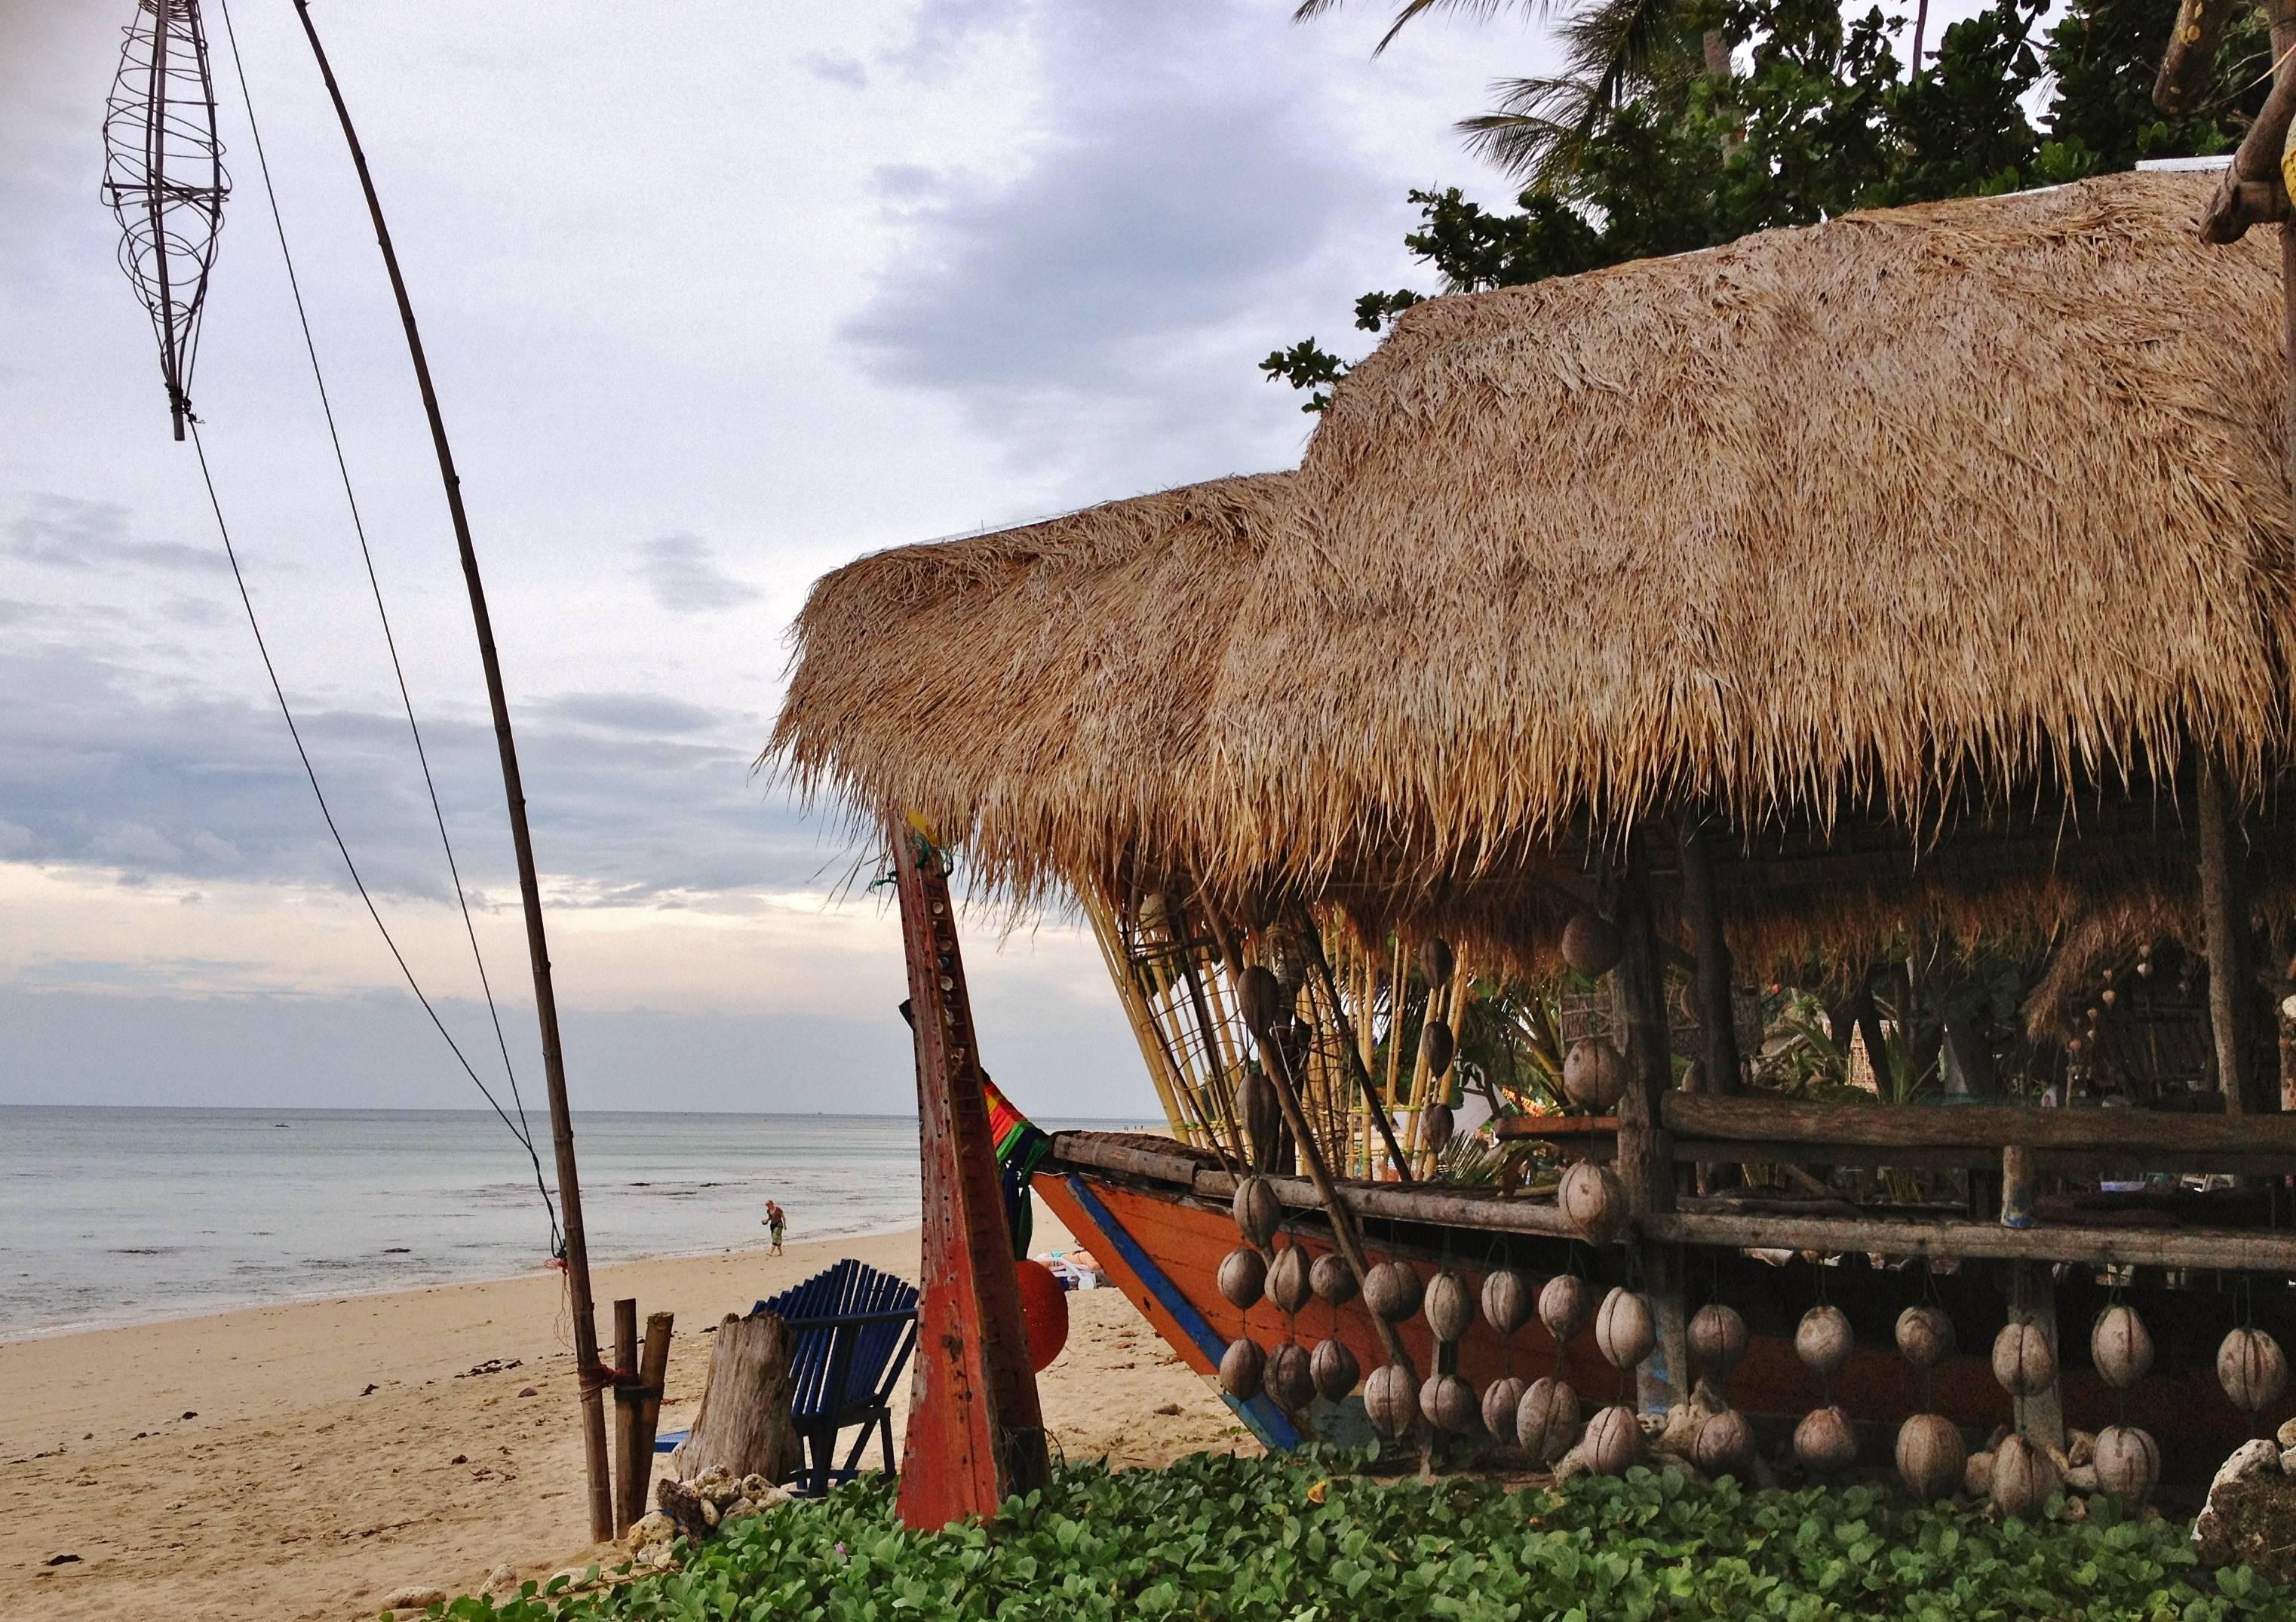 Photo 1: Koh Lanta